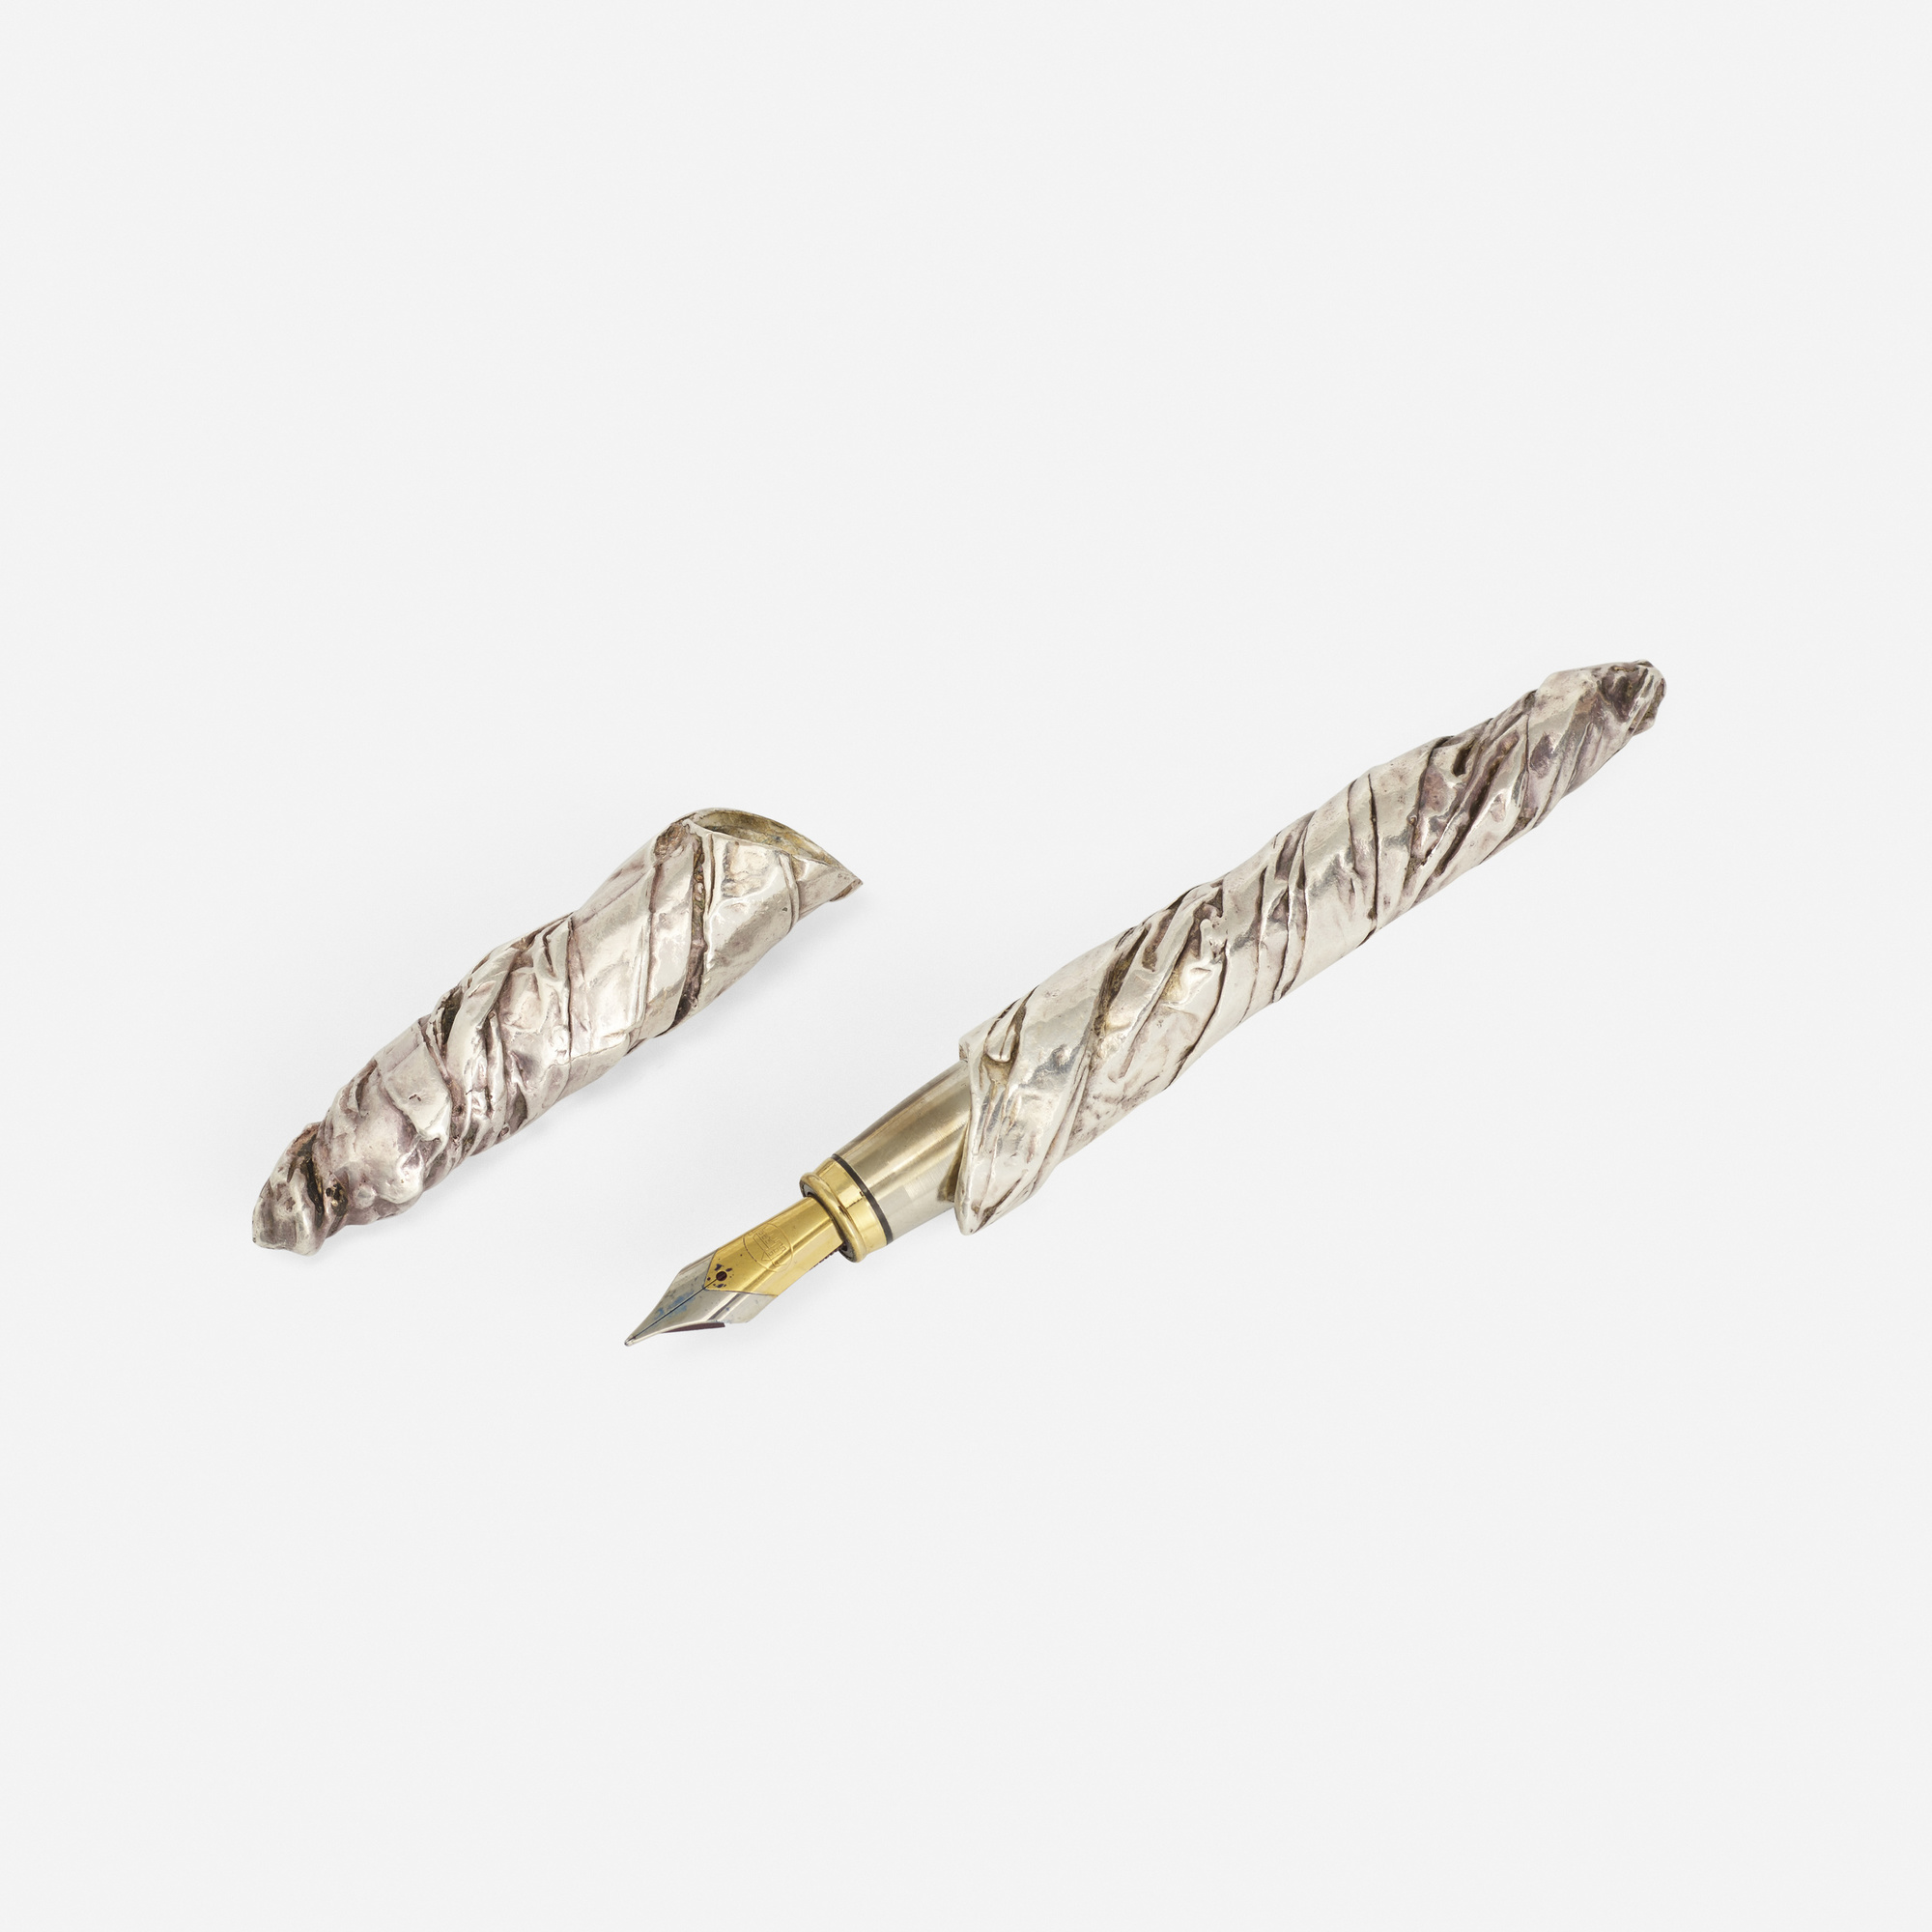 287: César (César Baldaccini) / A silver and gold pen (1 of 2)